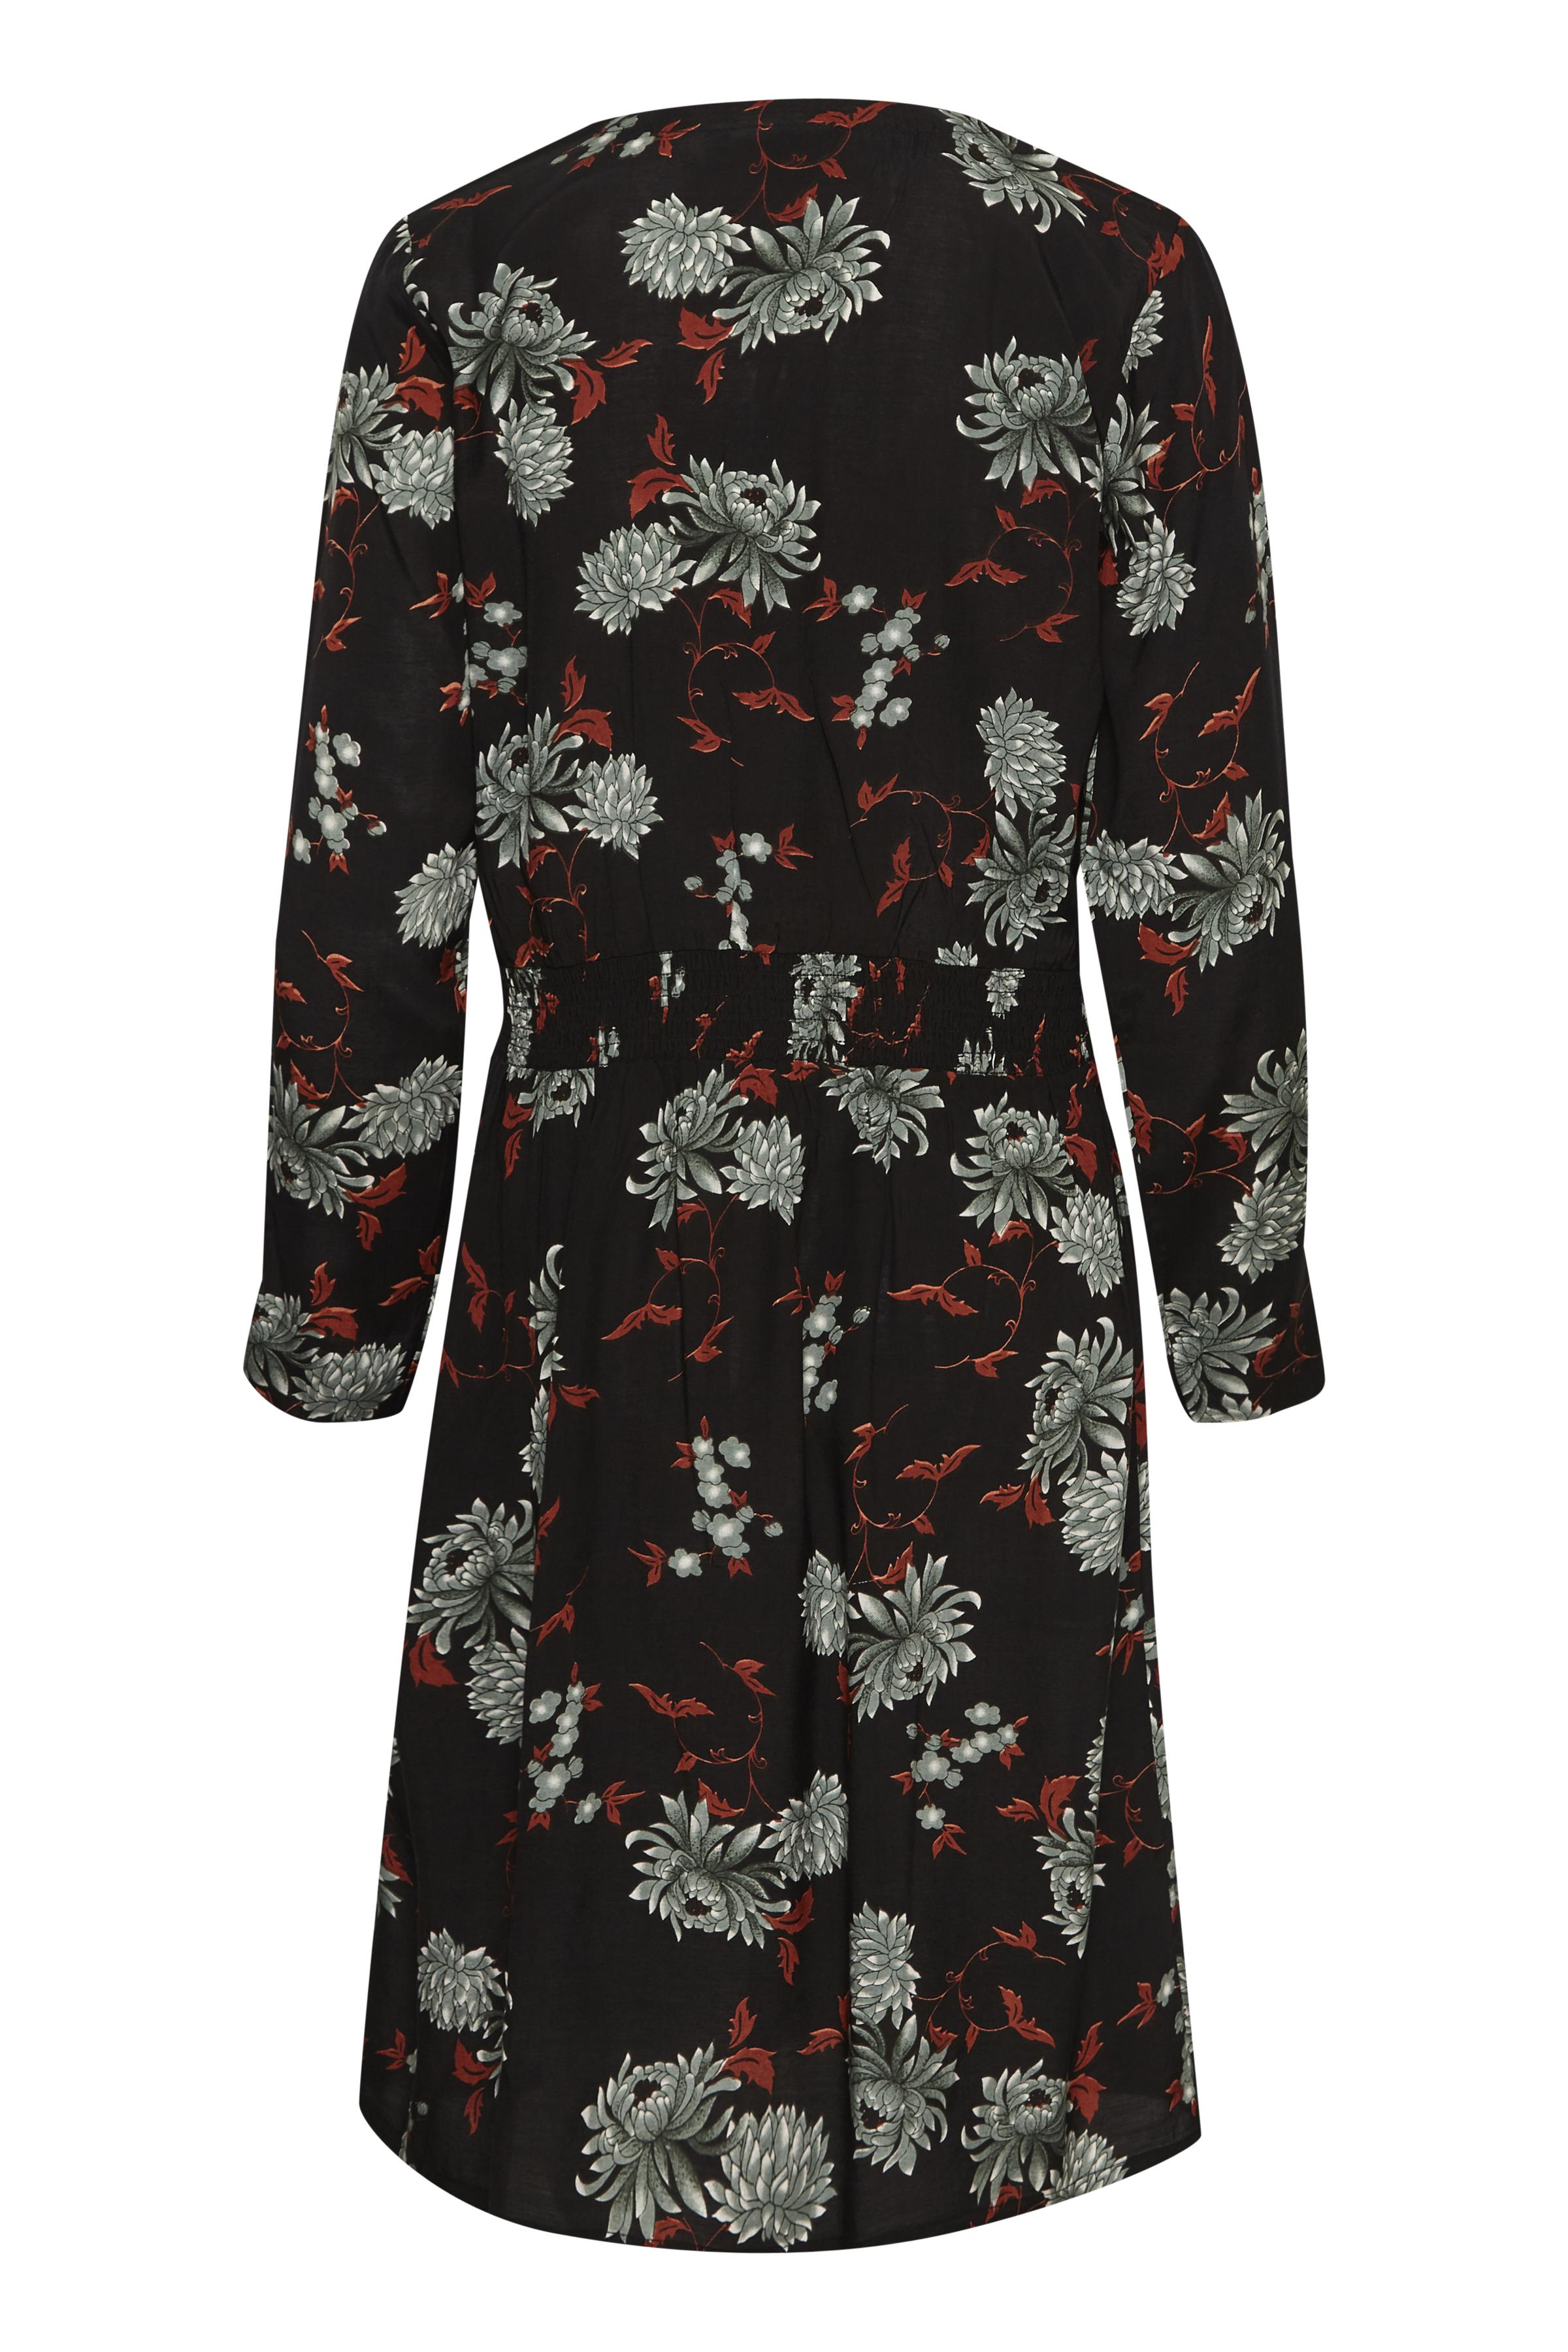 Schwarz/grau Kleid von Kaffe – Shoppen SieSchwarz/grau Kleid ab Gr. 34-46 hier